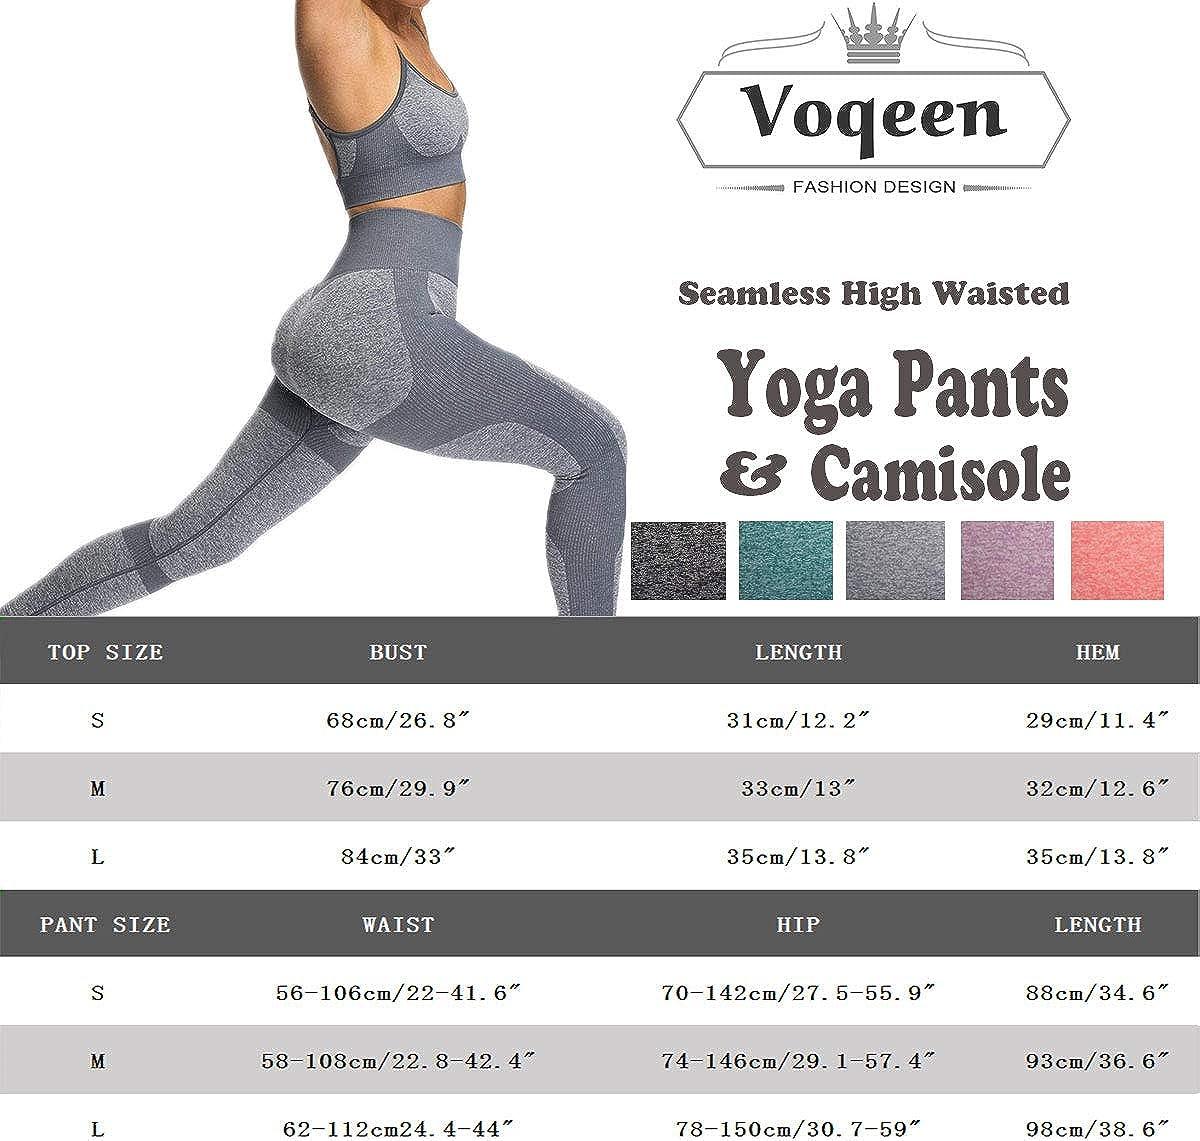 Voqeen Pantalones de Yoga para Mujer Pantalones Legging El/ásticos de Cintura Alta Pantalones Deportivos de Tres Puntos con Bolsillos